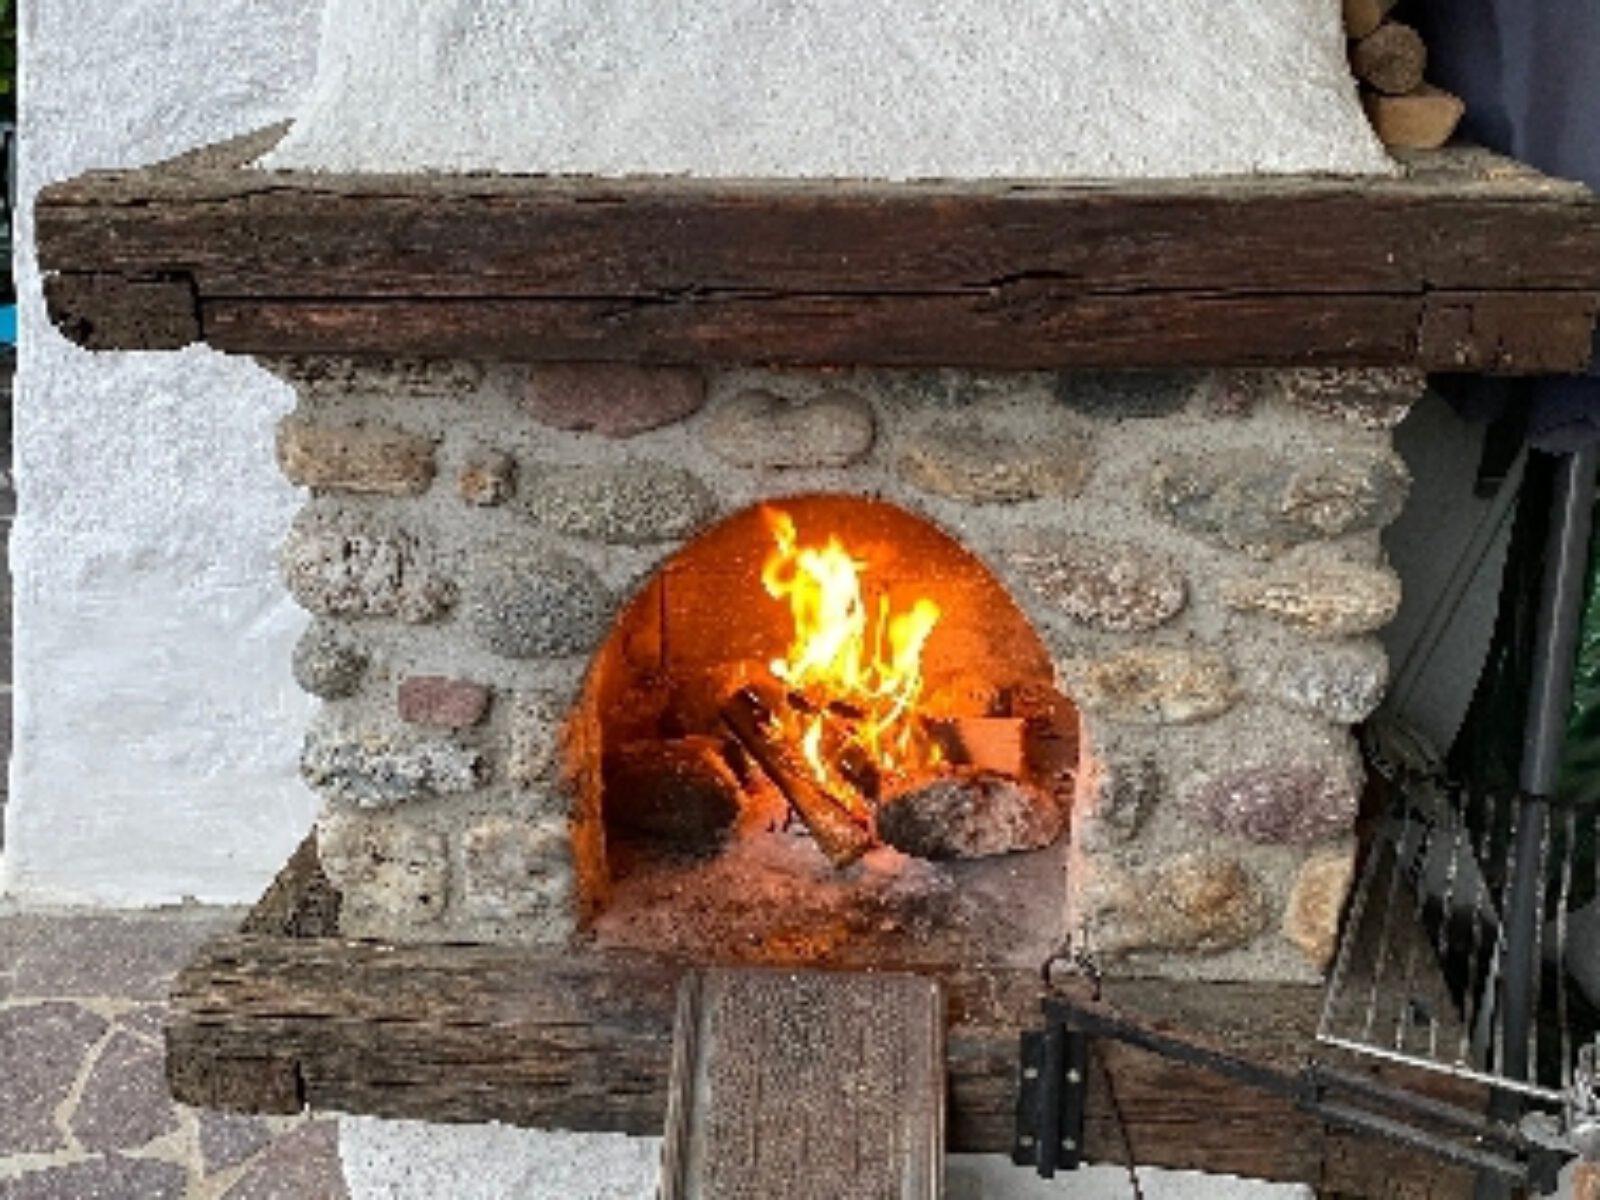 Kaminfeuer auf der Terrasse